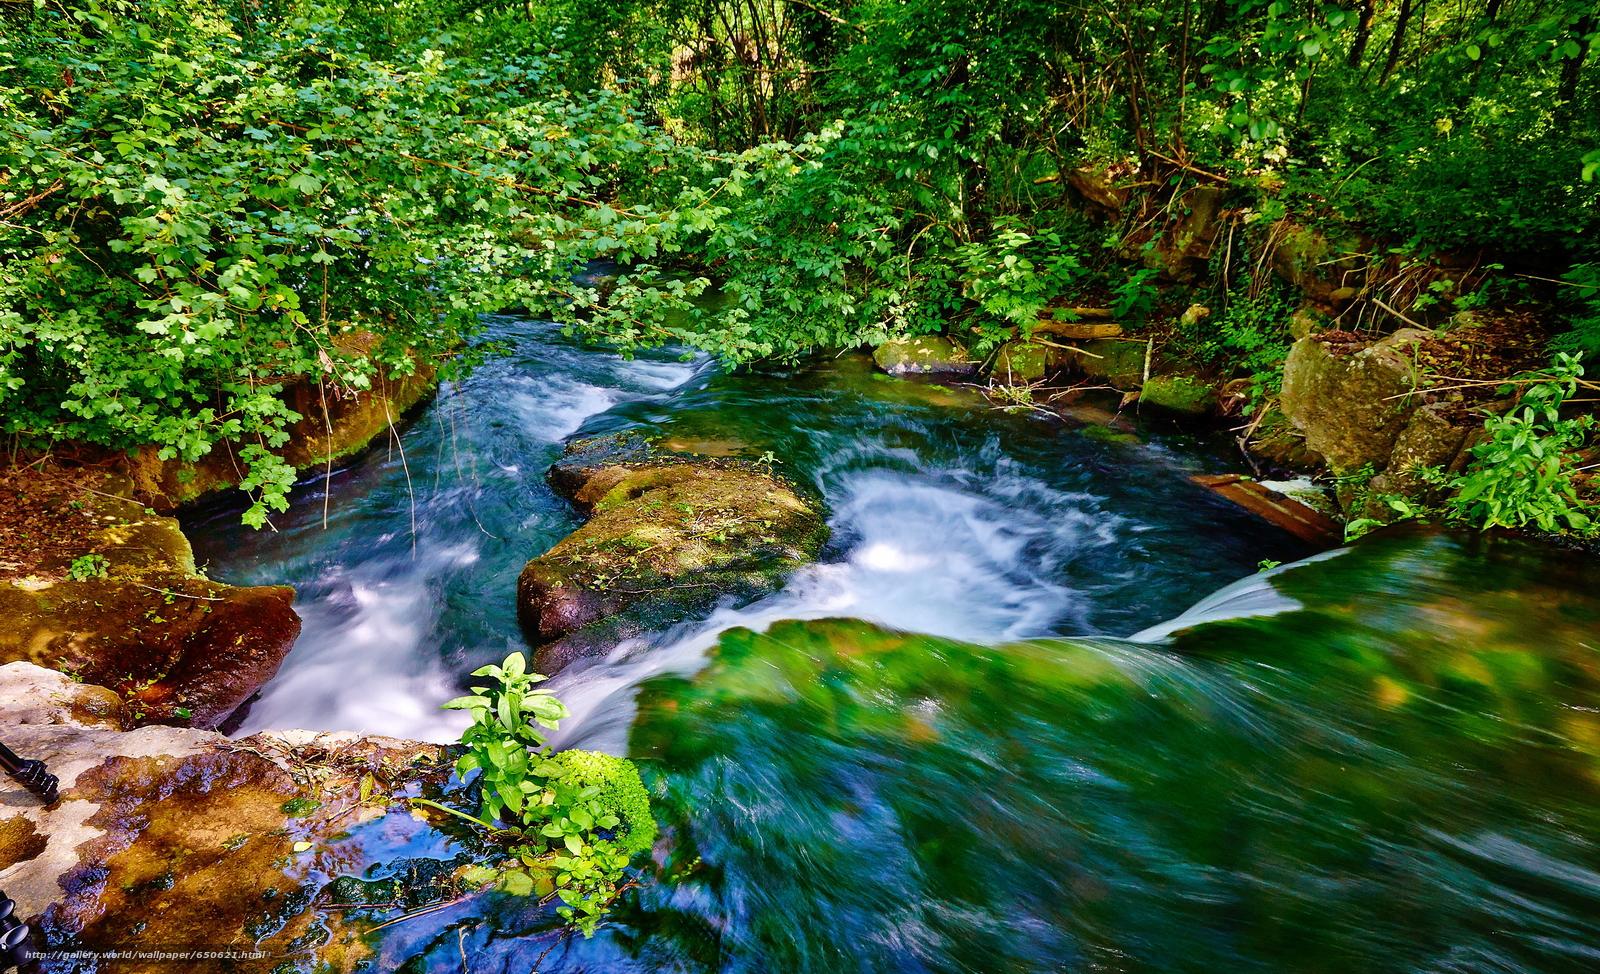 Скачать обои водопад,  камни,  лето,  зелень бесплатно для рабочего стола в разрешении 3840x2337 — картинка №650621